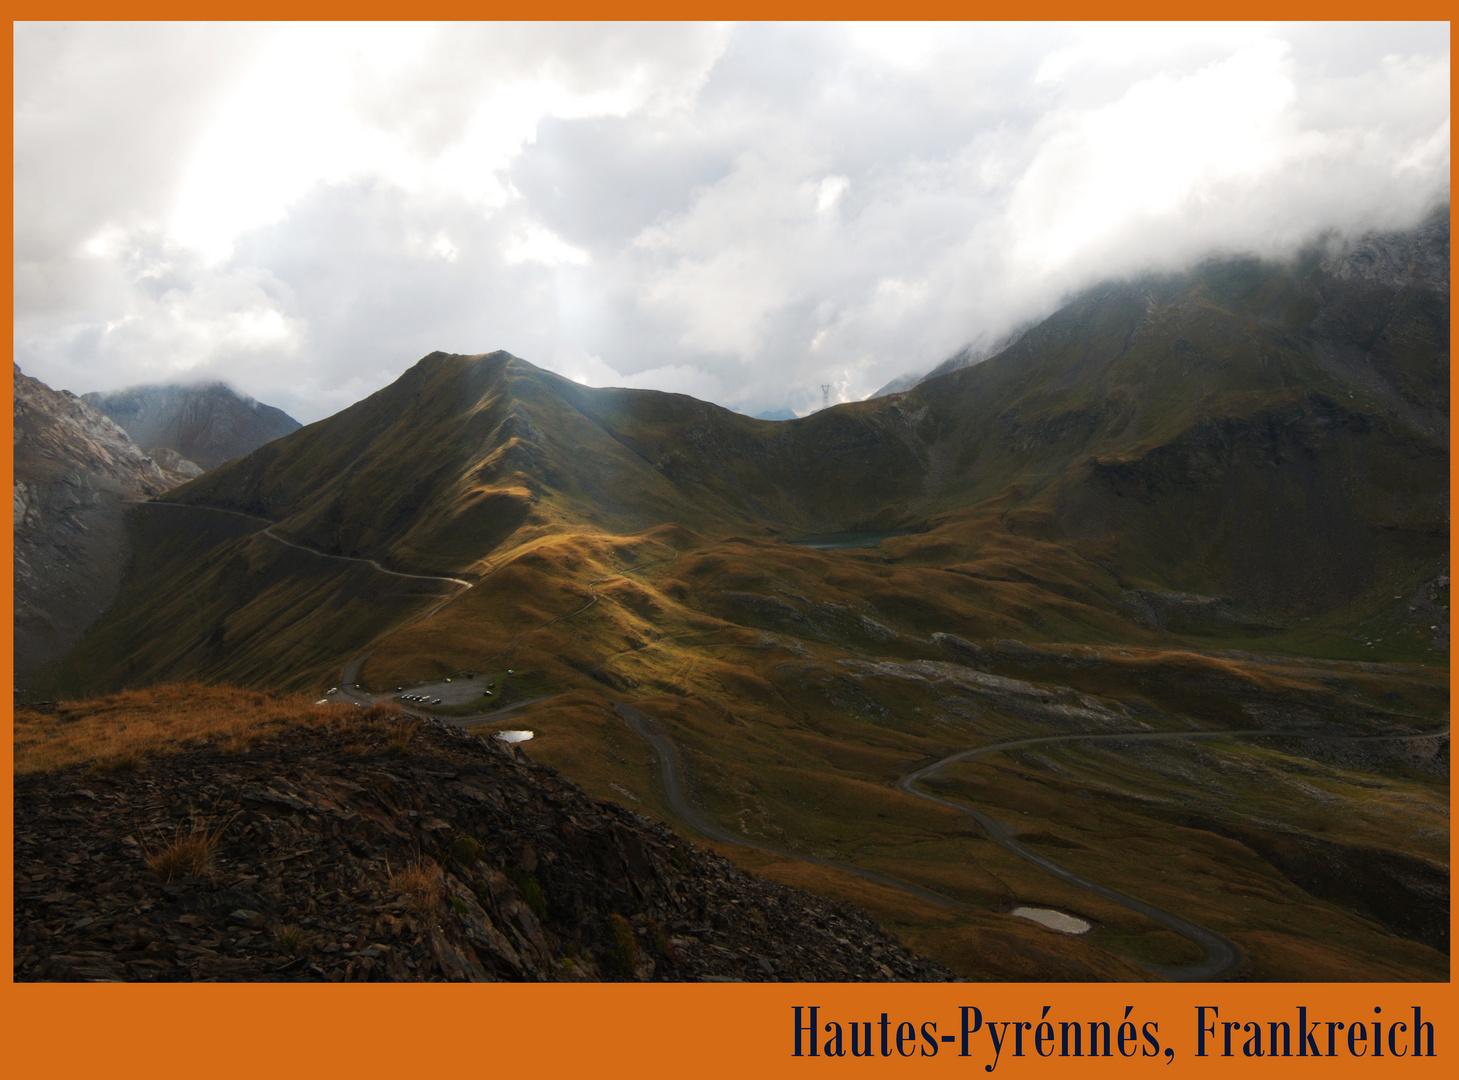 Hautes-Pyrénnes